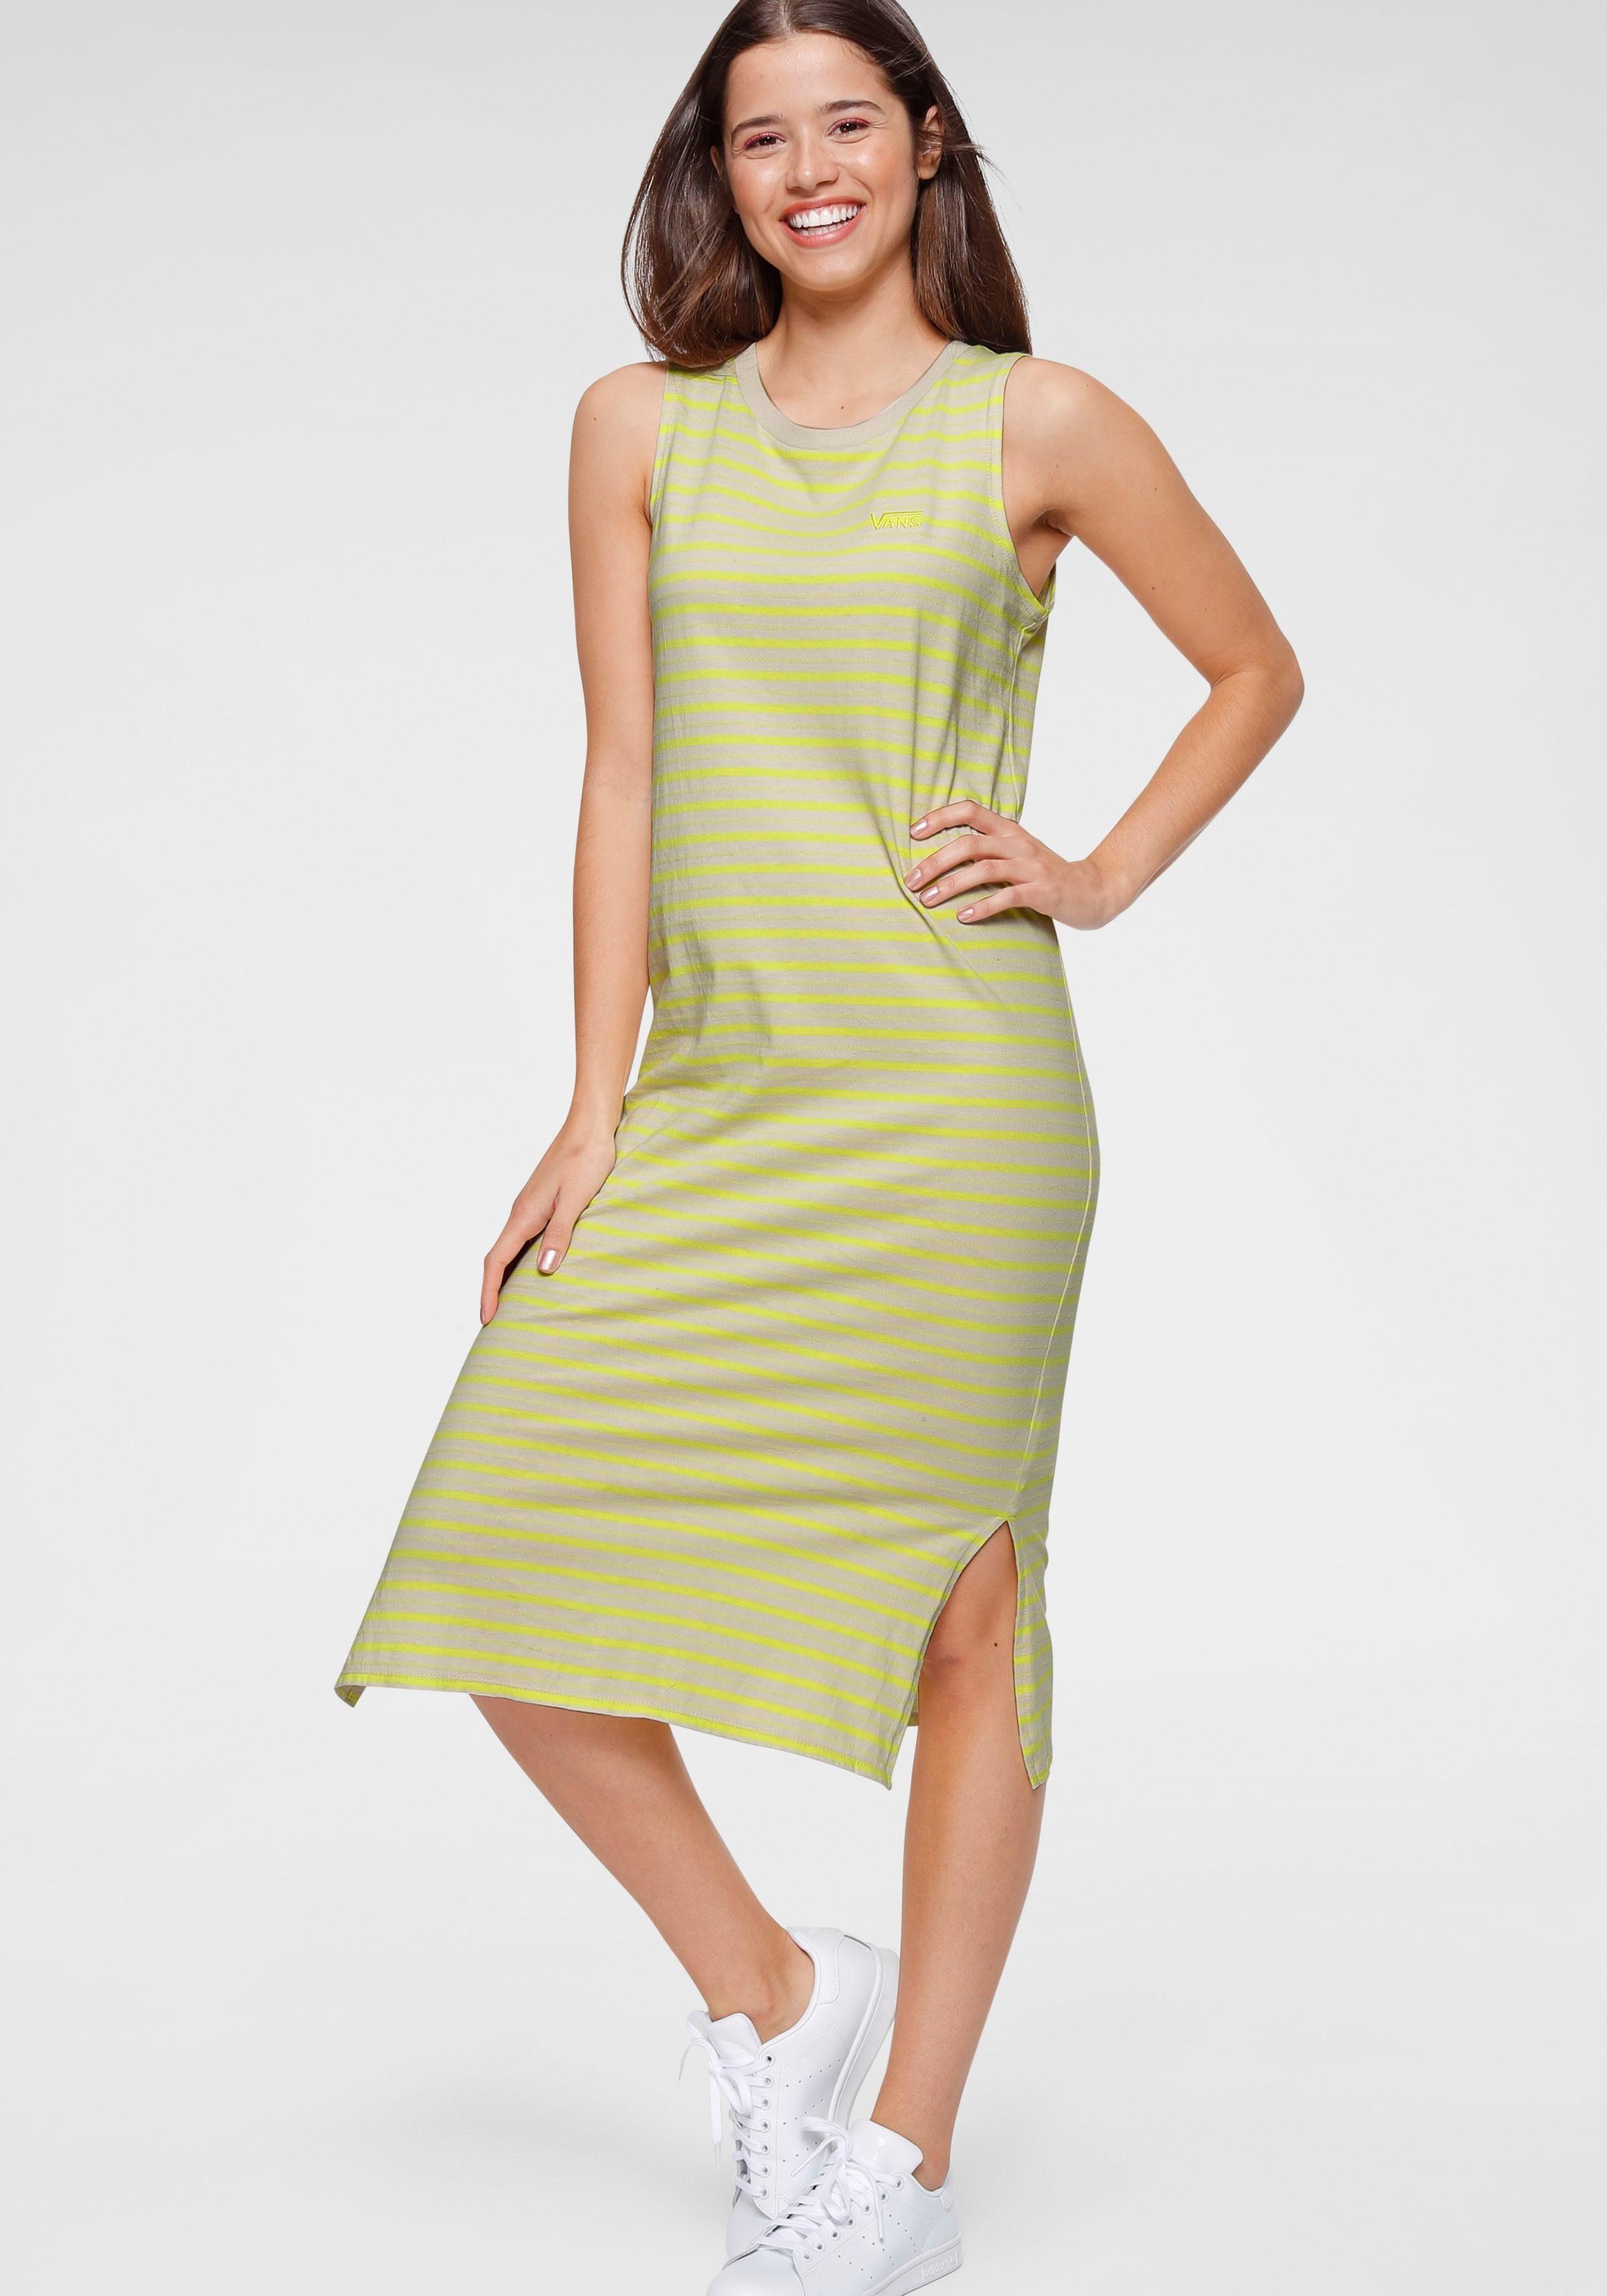 Vans Jerseyjurk Mini Check Midi Dress Snel Gevonden - Geweldige Prijs